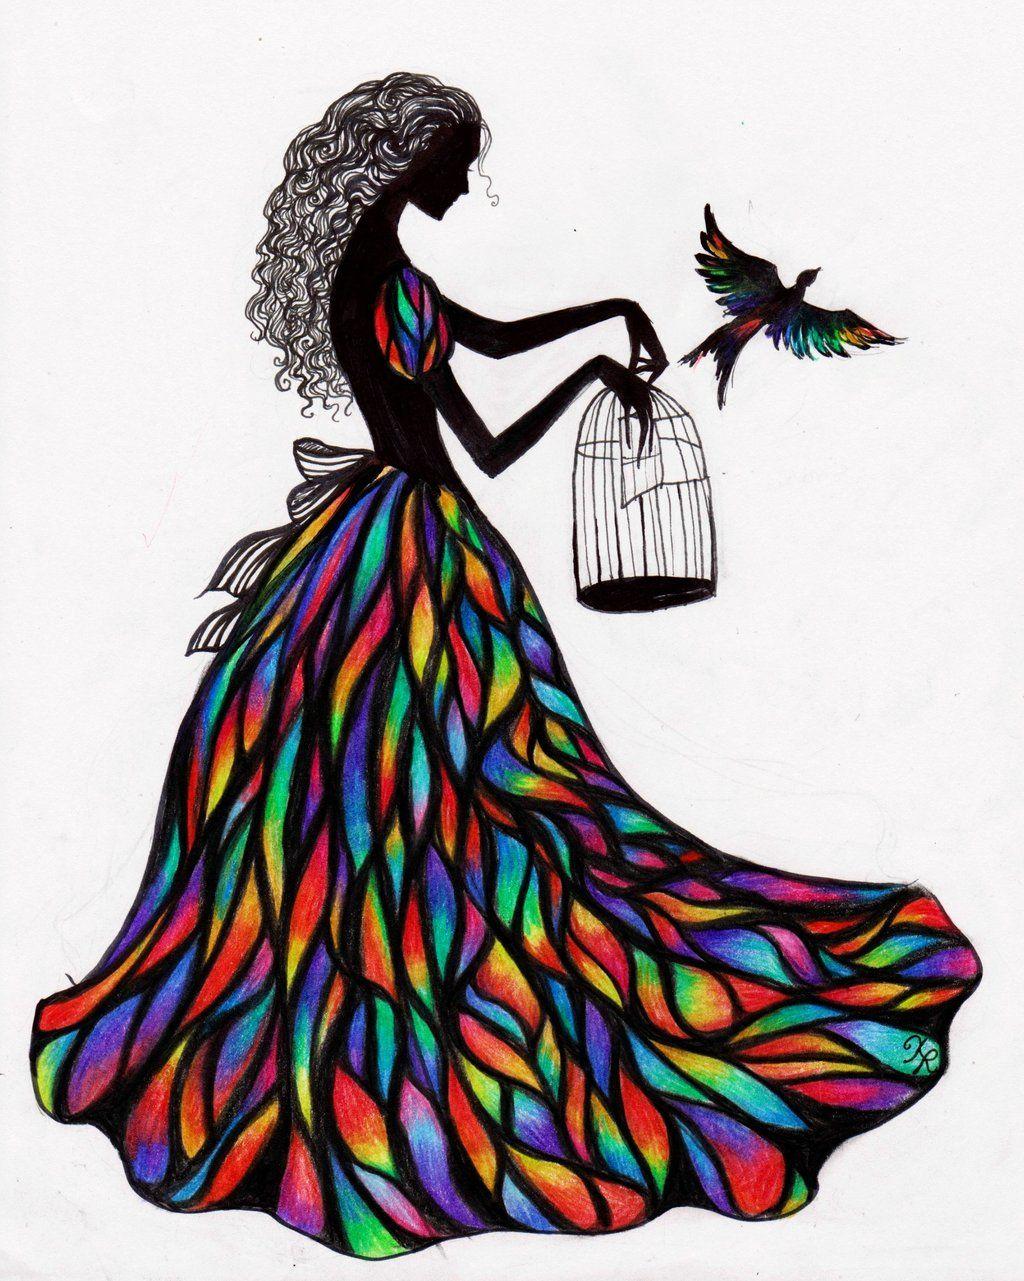 Tres Visoes De Liberdade Liberdade Desenhos Imagens Aleatorias